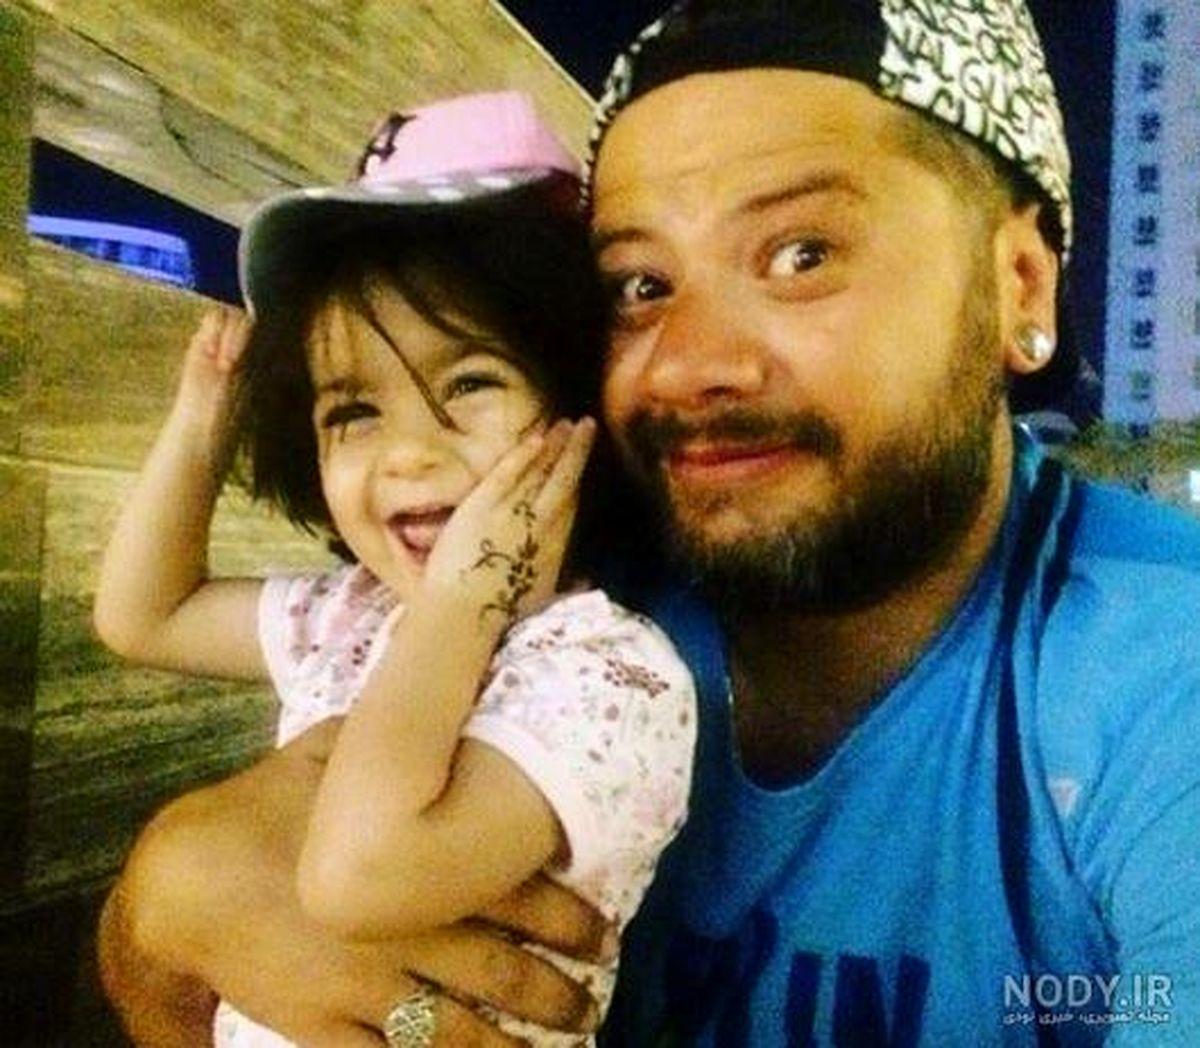 تیپ غربی علی صادقی جنجال به پا کرد! +تصاویر خانوادگی علی صادقی